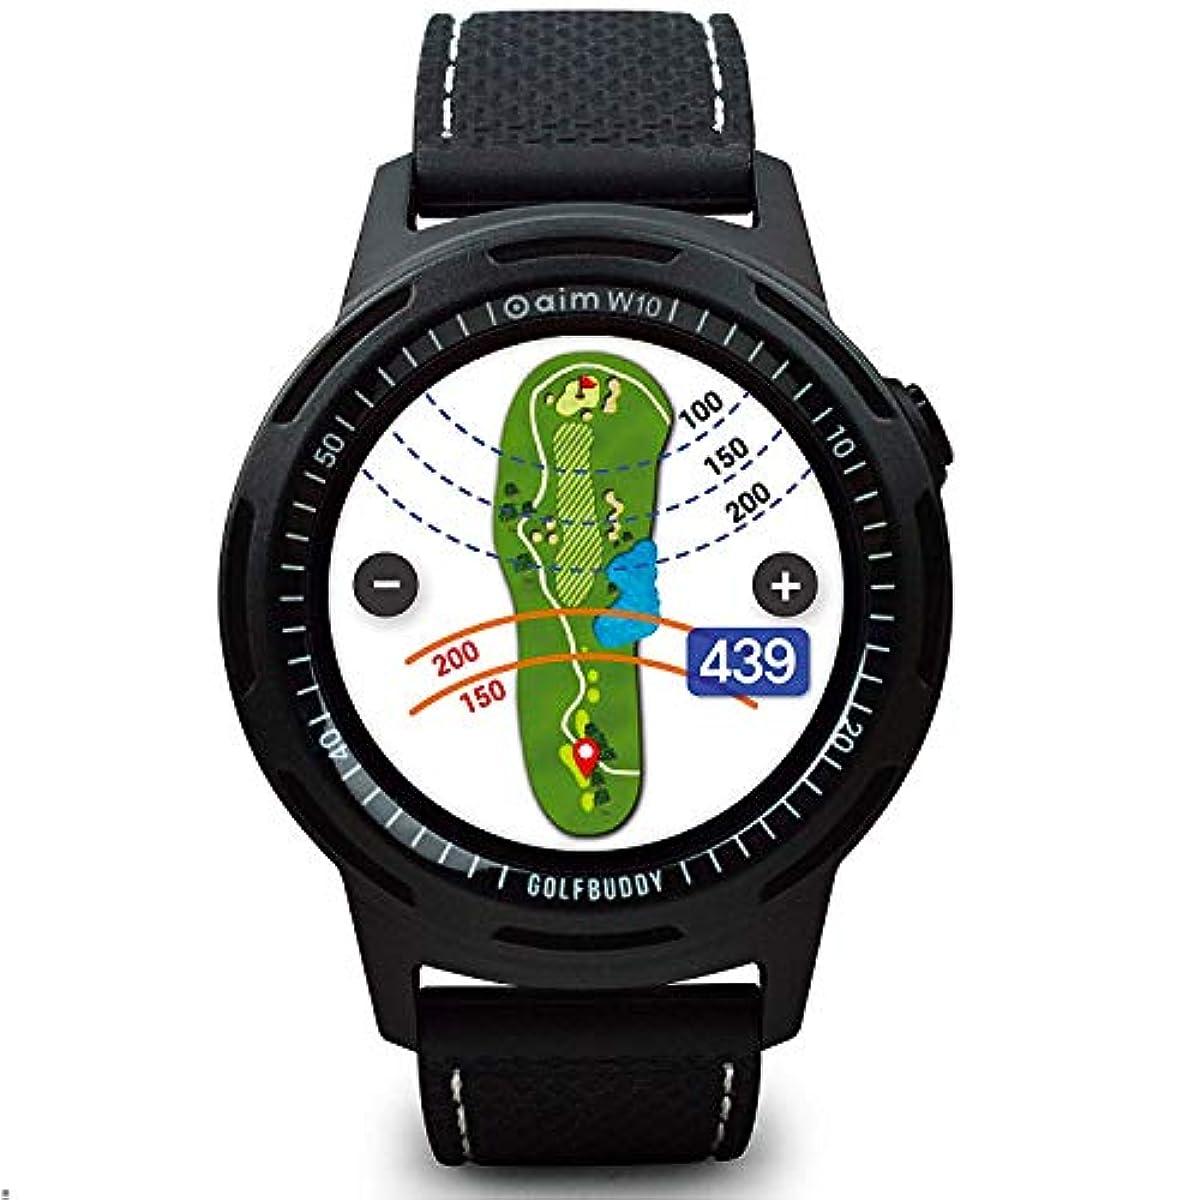 [해외] 【GOLFBUDDY】골프 바디 올 컬러 화면 GPS시계형 골프 거리 측정기 AIM W10 전세계4만 골프장 데이터 일생 무료 업데이트 건단 조작 【AMAZON.CO.JP한정】